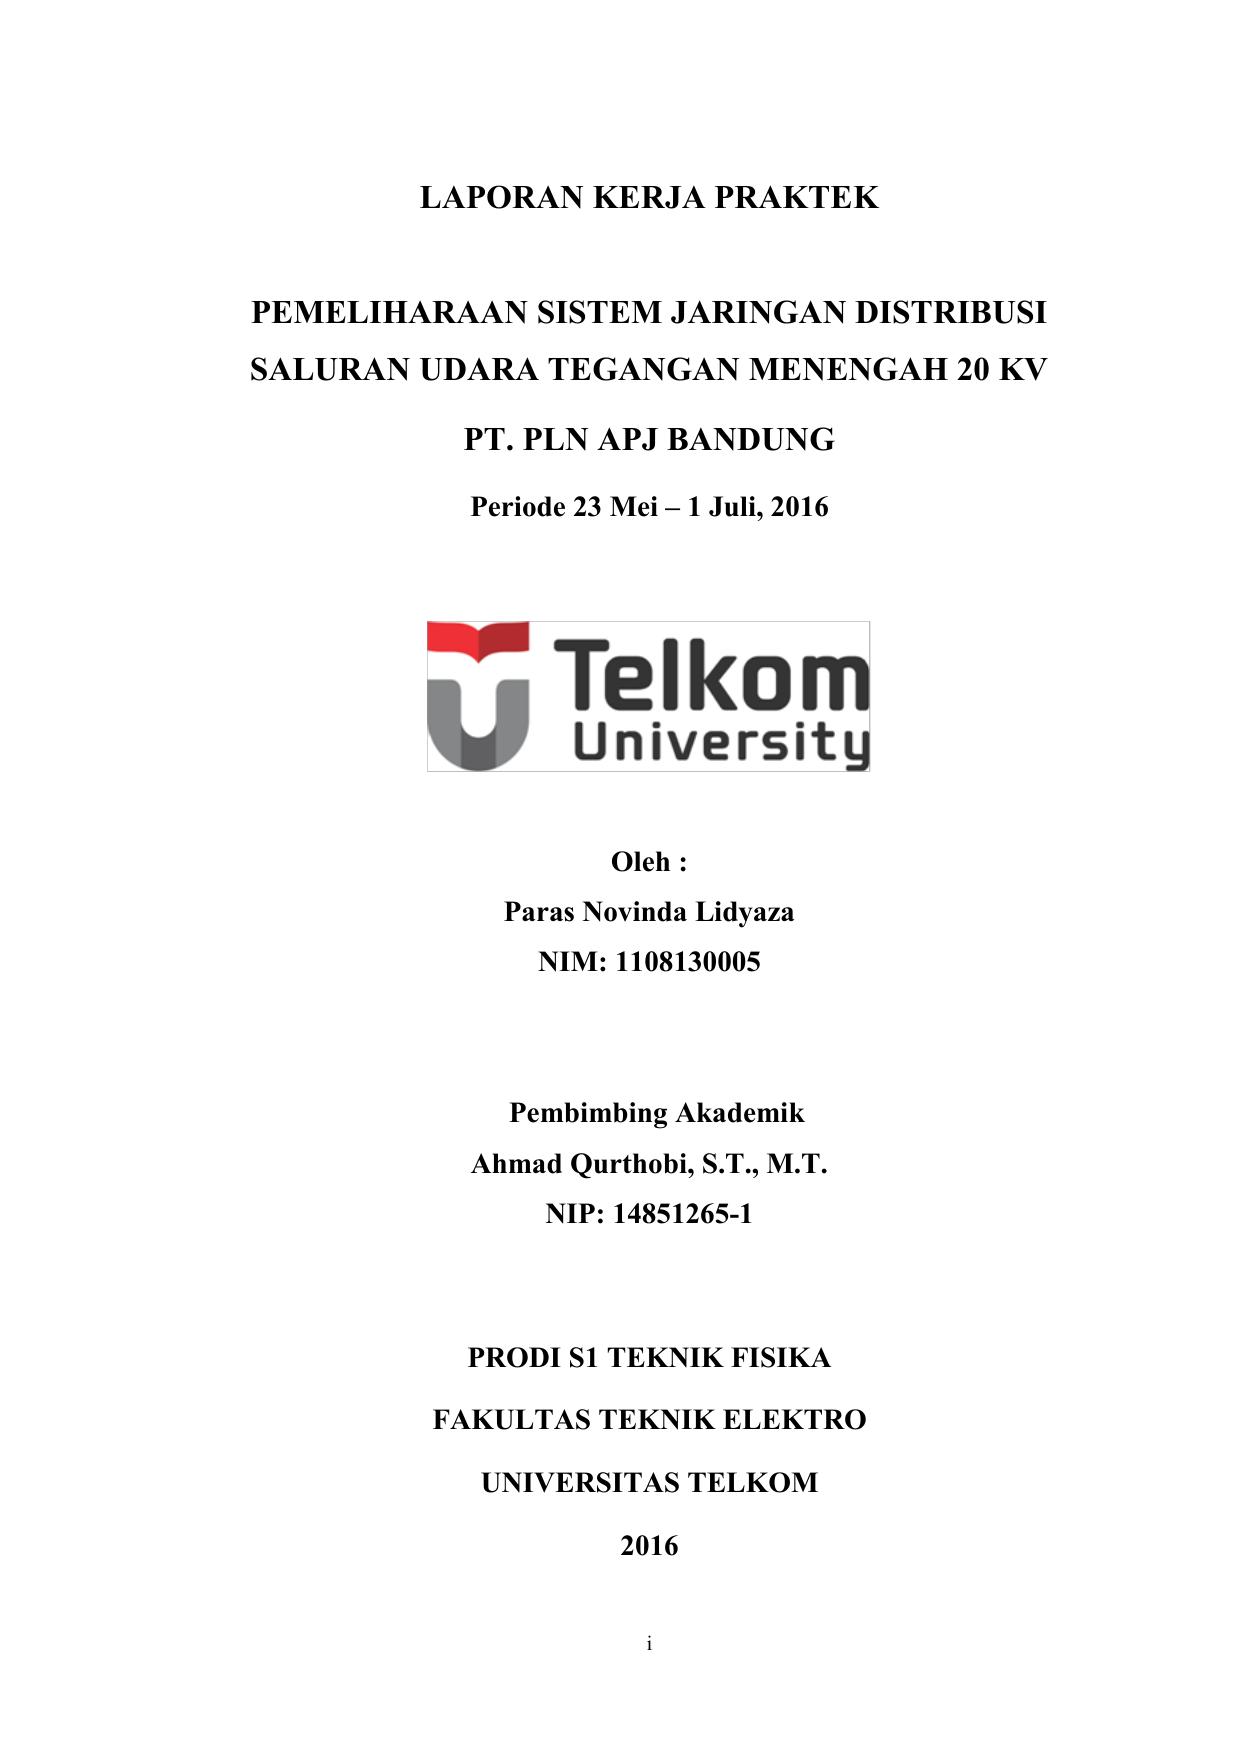 Laporan Kerja Praktek Pemeliharaan Sistem Jaringan Distribusi